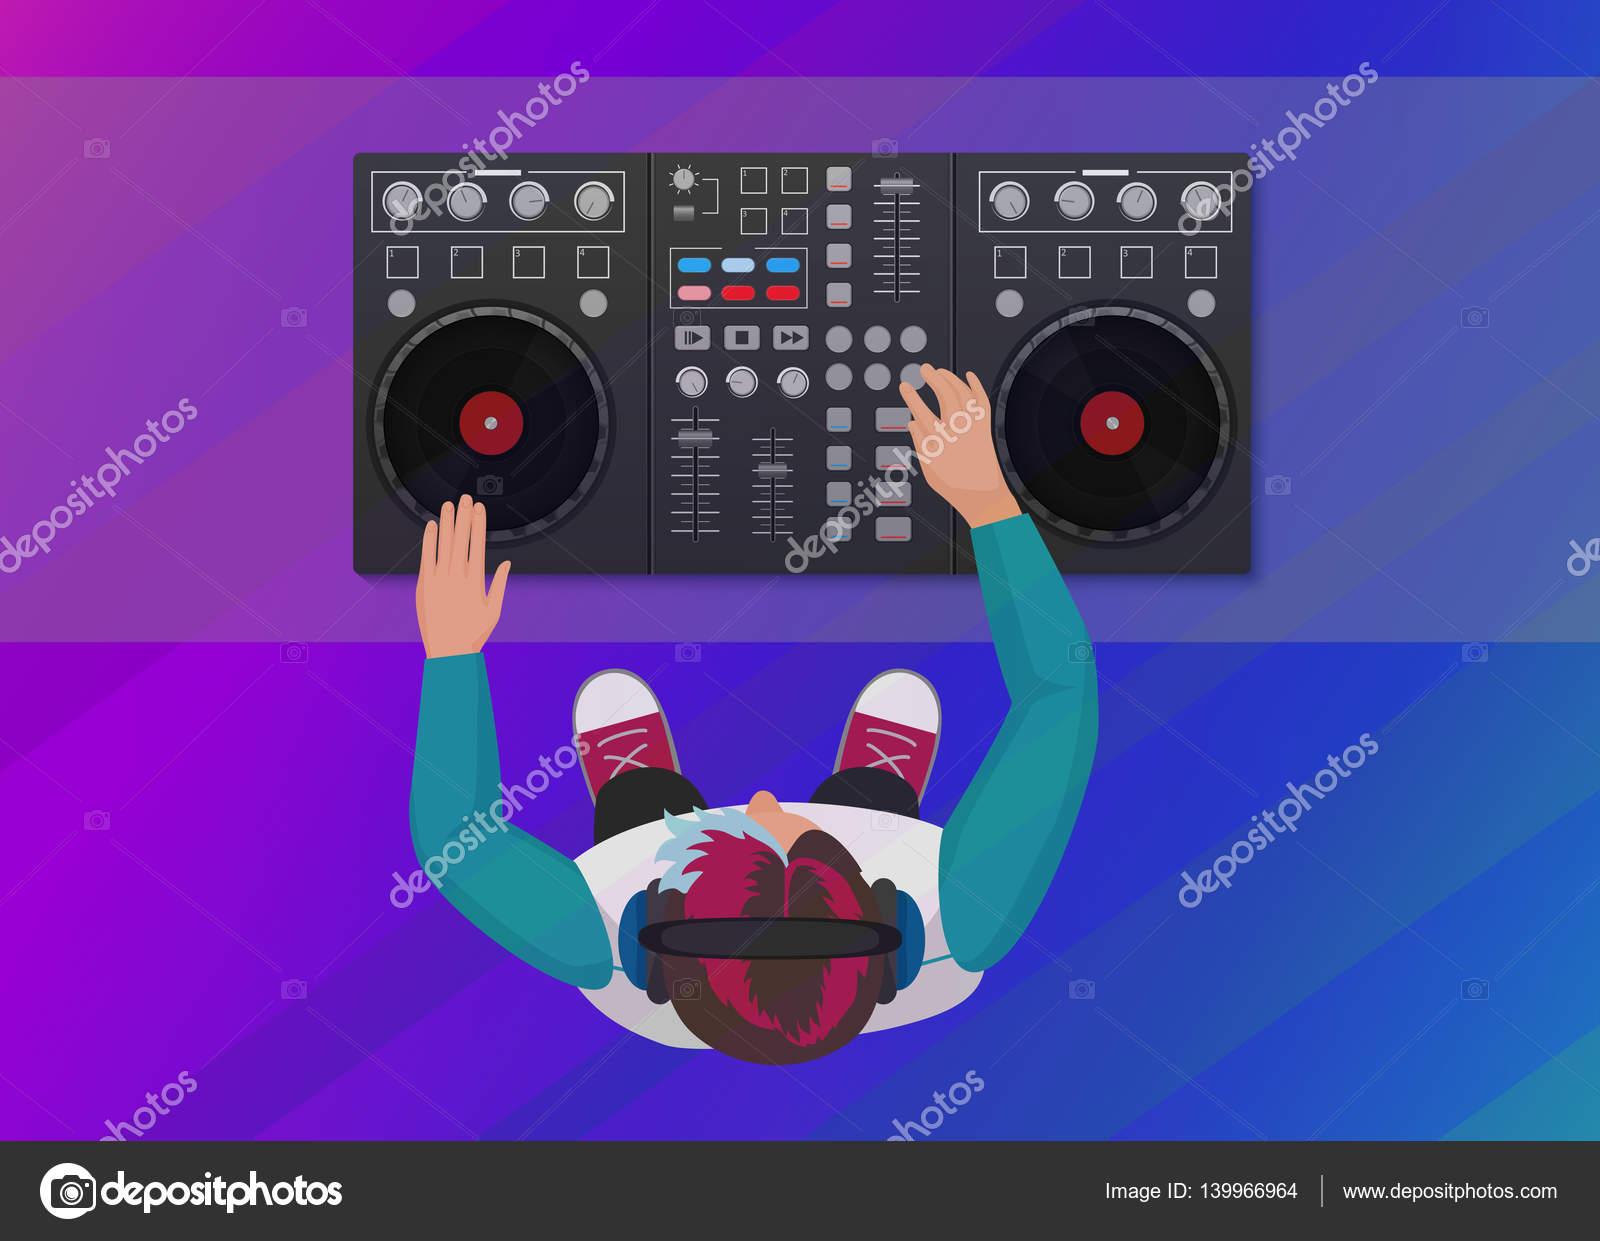 Dj vinyle en jouant sur le fond clair de couleur n on vue - Table de mixage vinyle ...